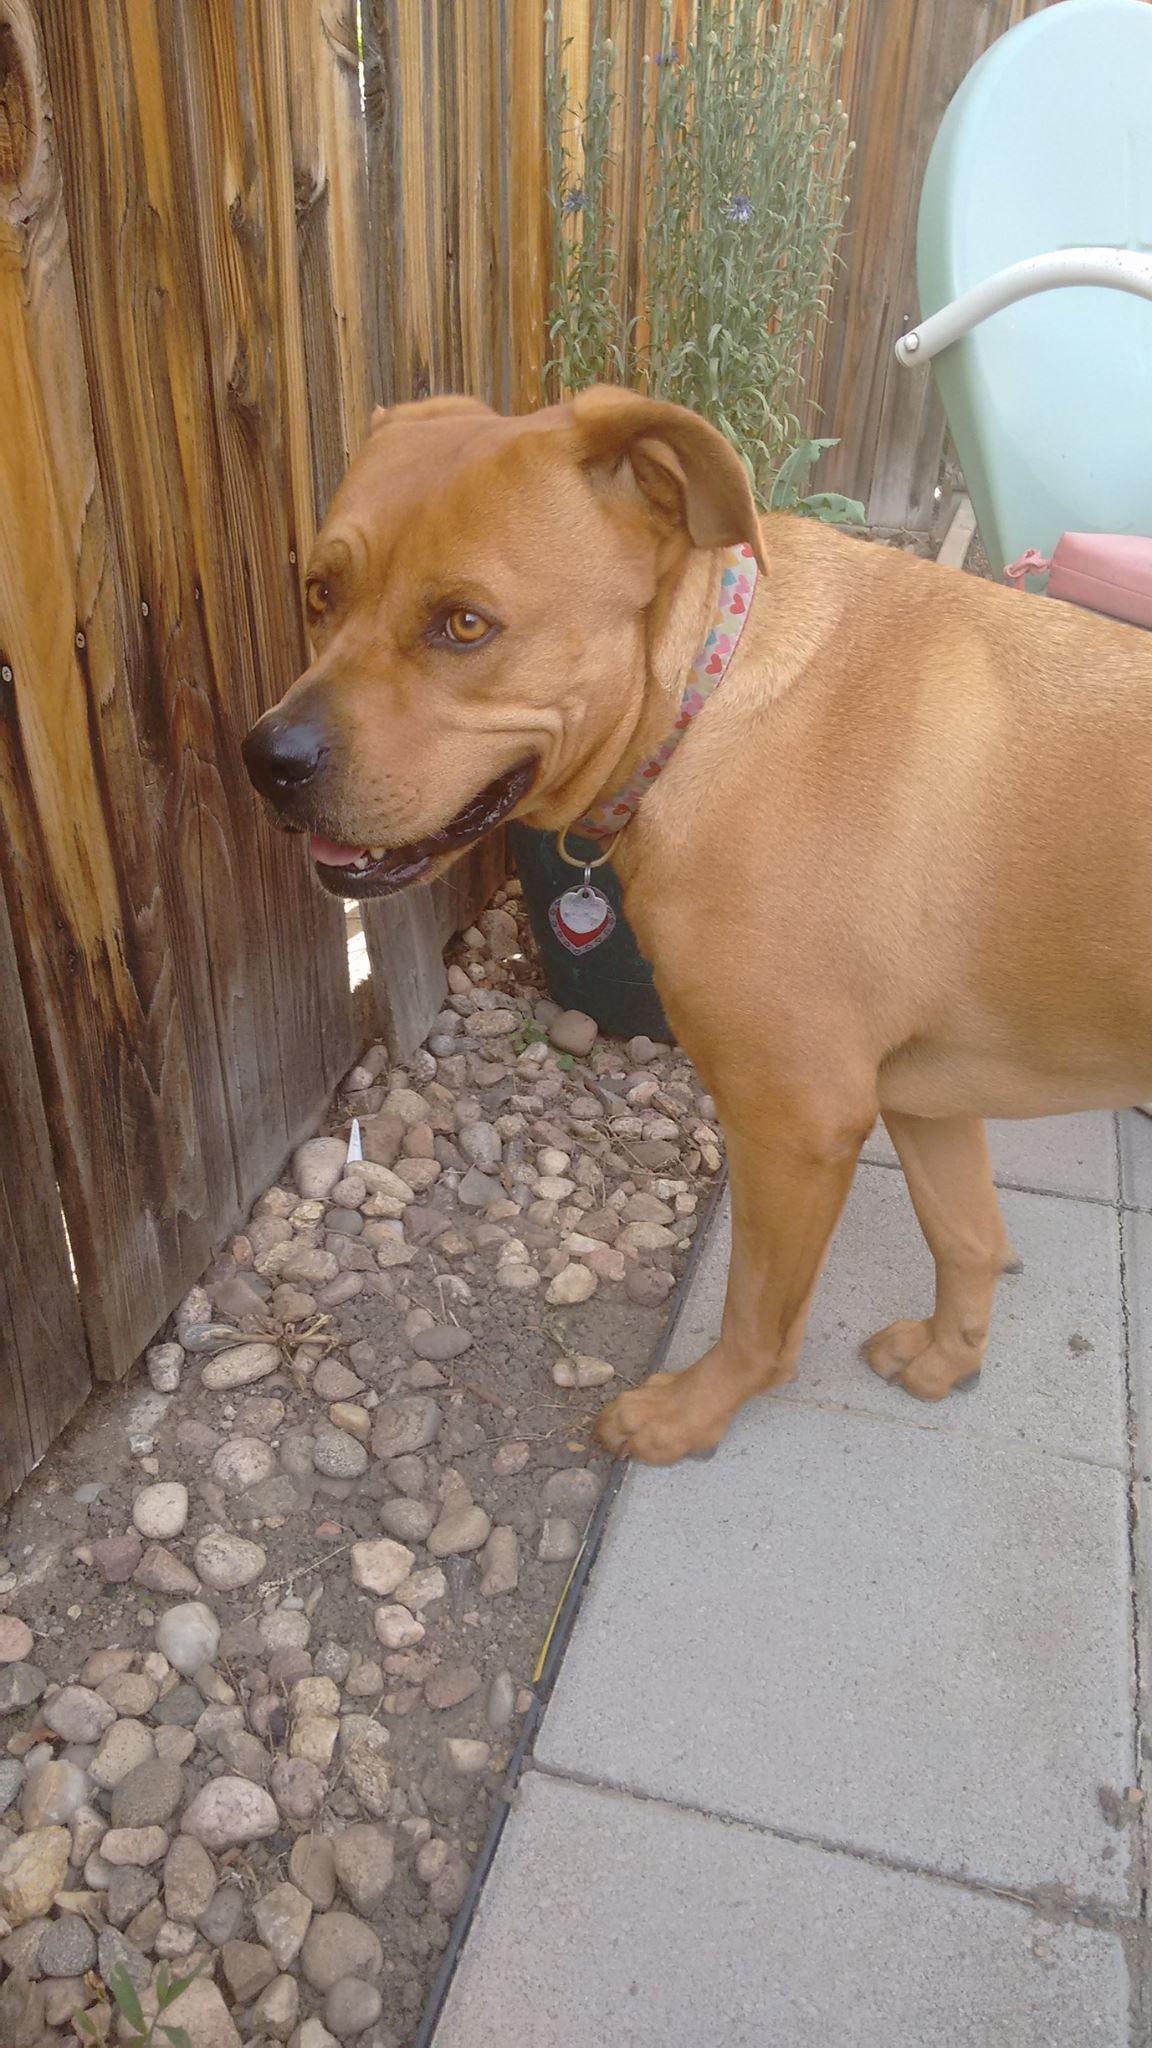 Labrador Retriever dog for Adoption in Denver, CO. ADN